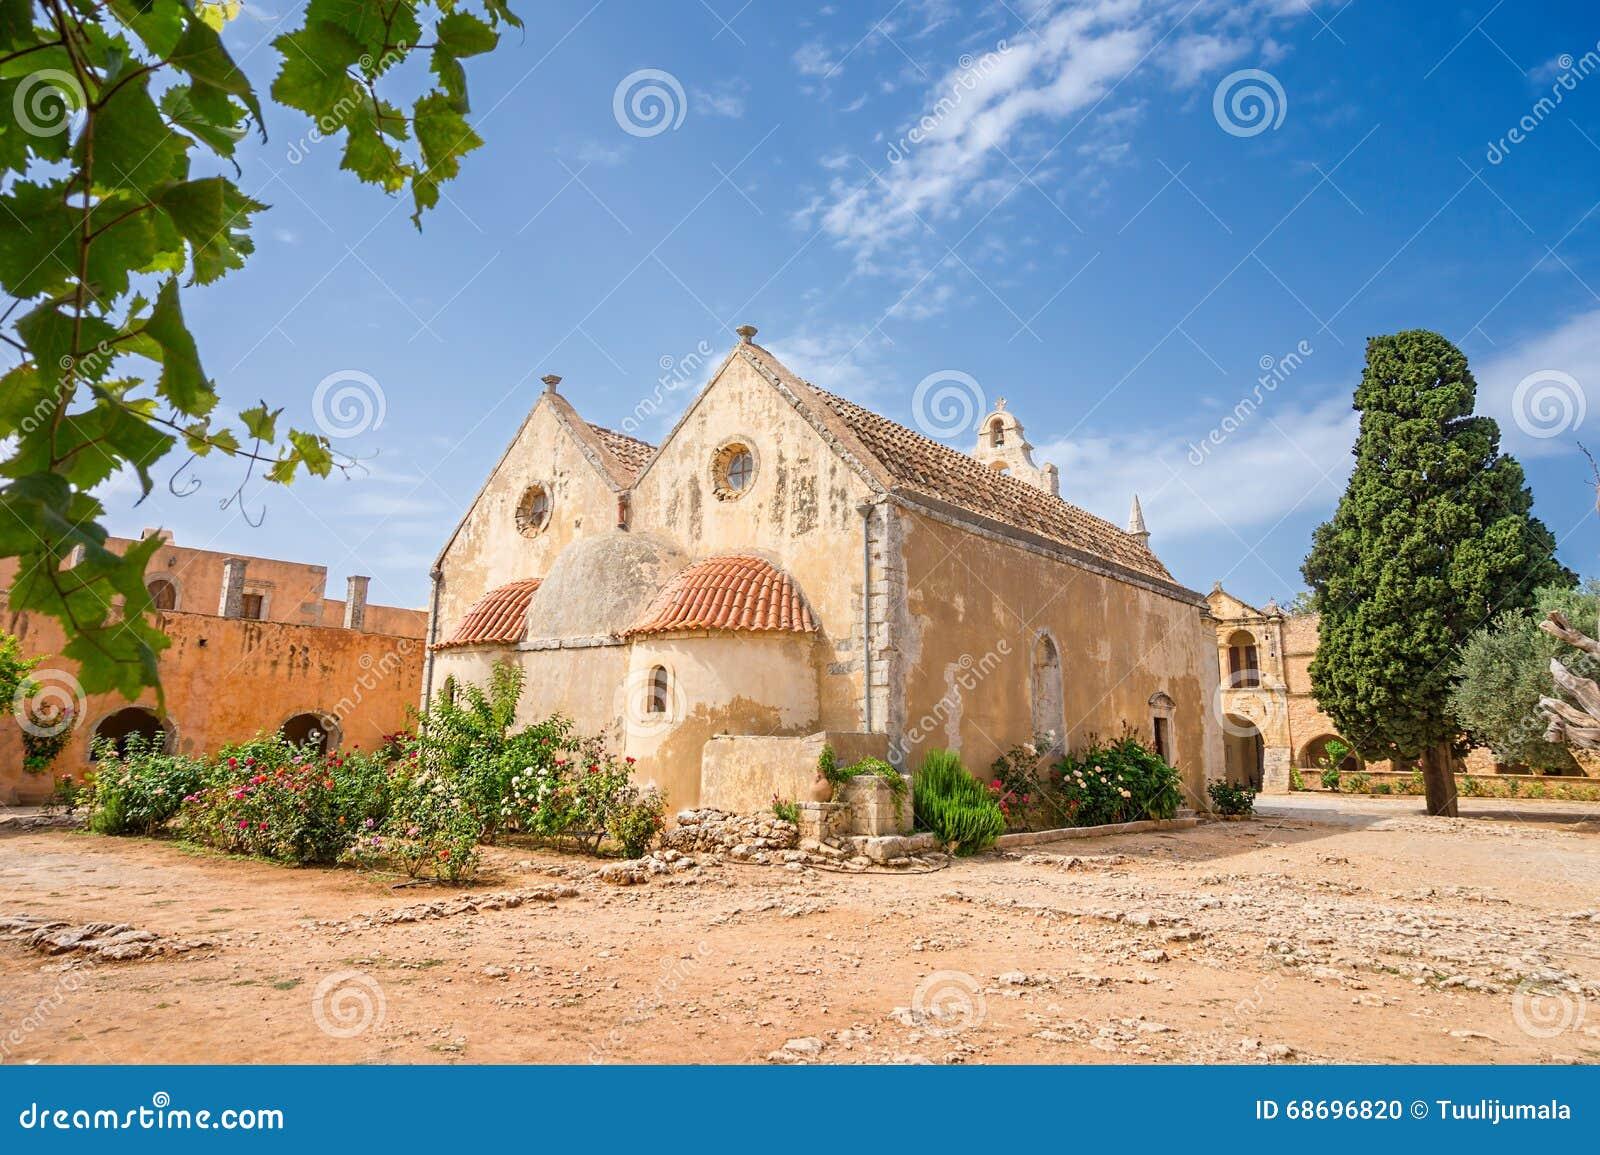 Arkadi修道院的后院